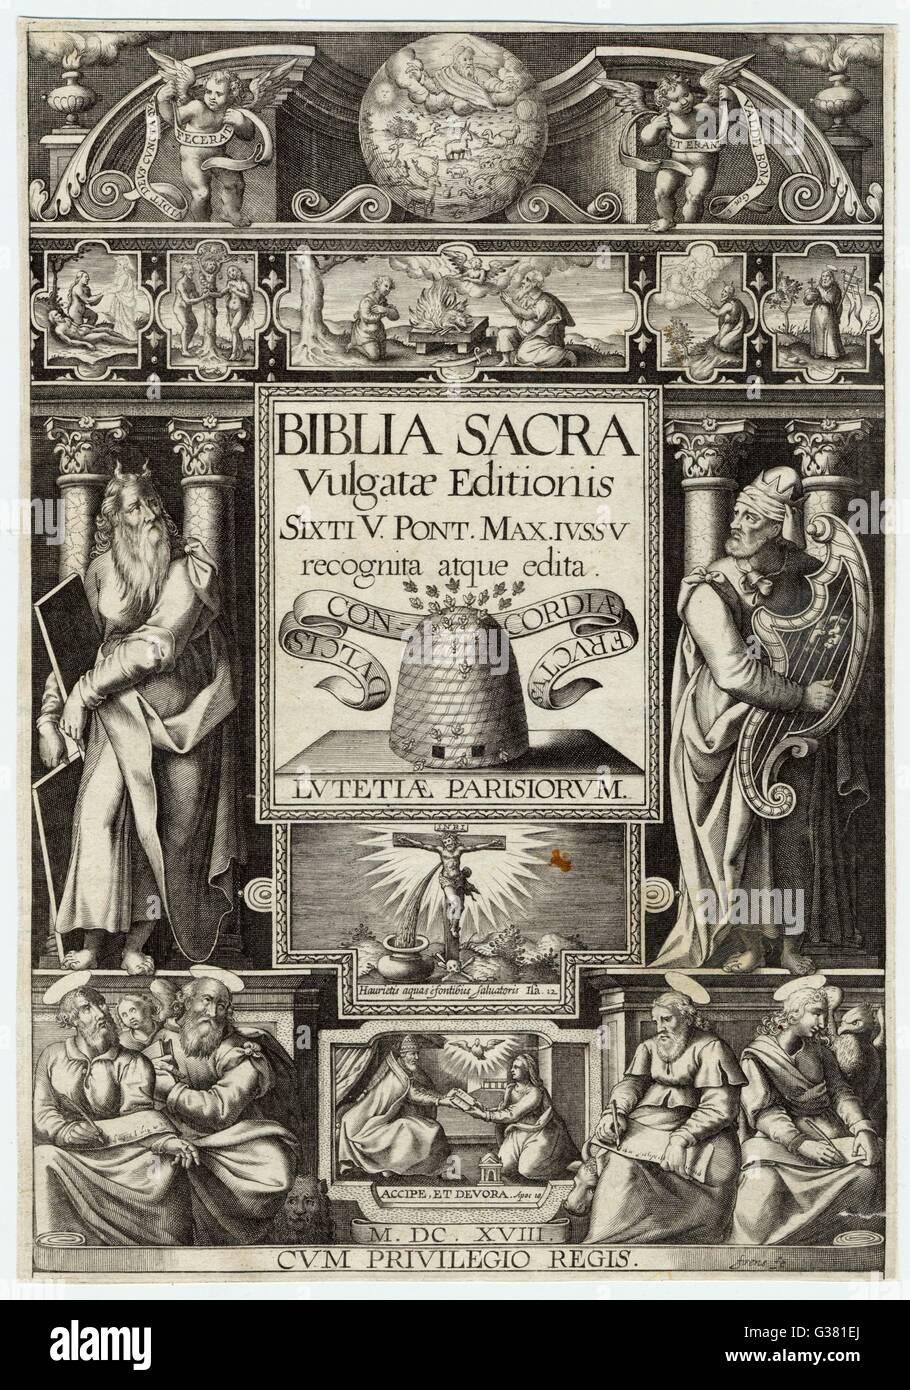 La pagina del titolo della Biblia Vulgata (stampato in latino) Data: circa 1590 Immagini Stock